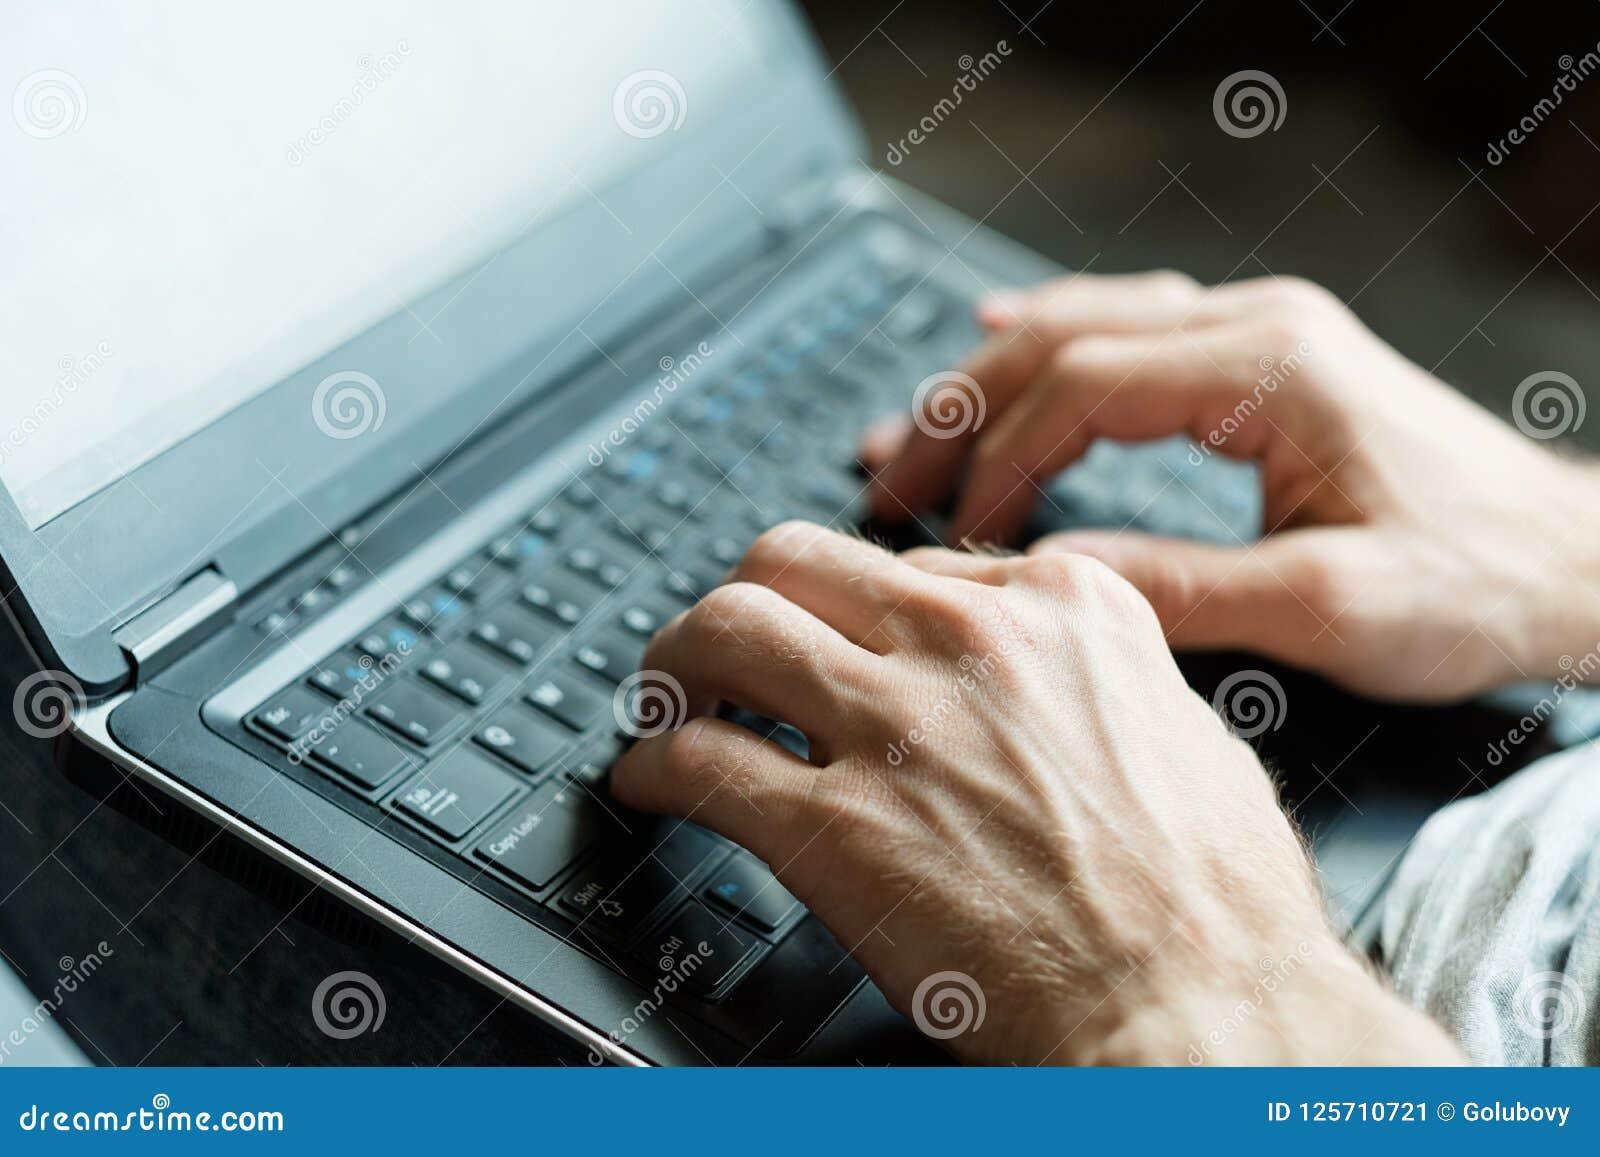 Software developer app designer man hands laptop